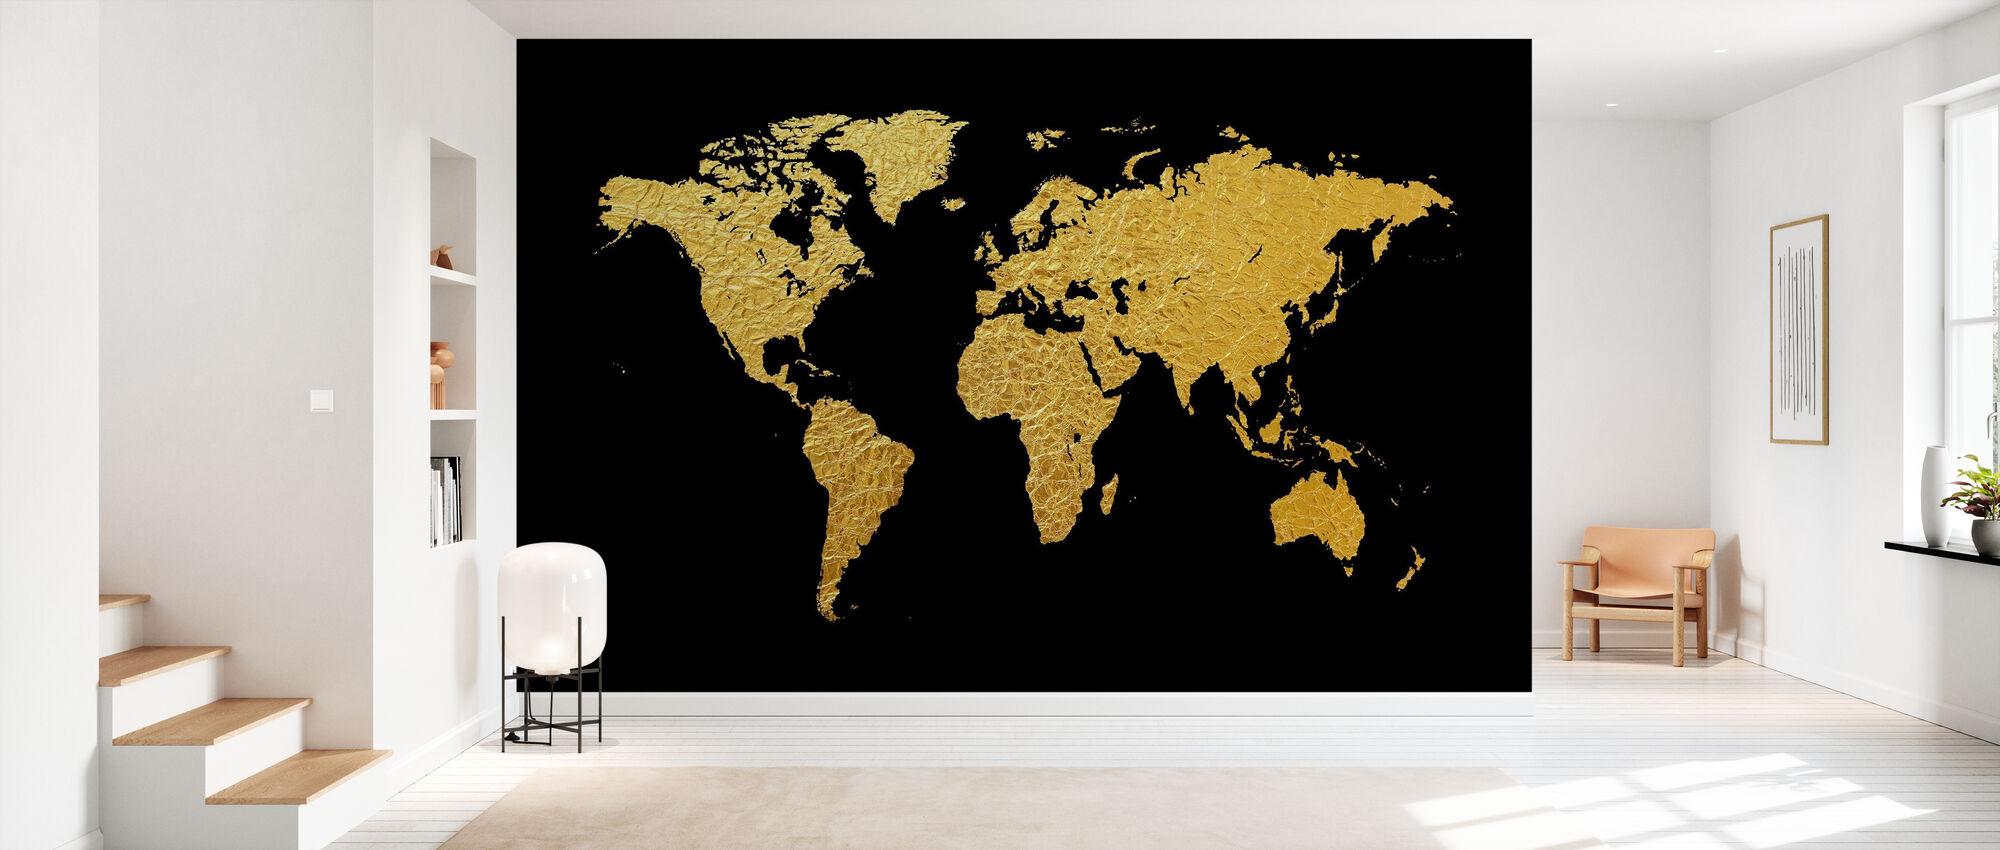 Goldene Weltkarte mit schwarzem Hintergrund - Tapete - Flur